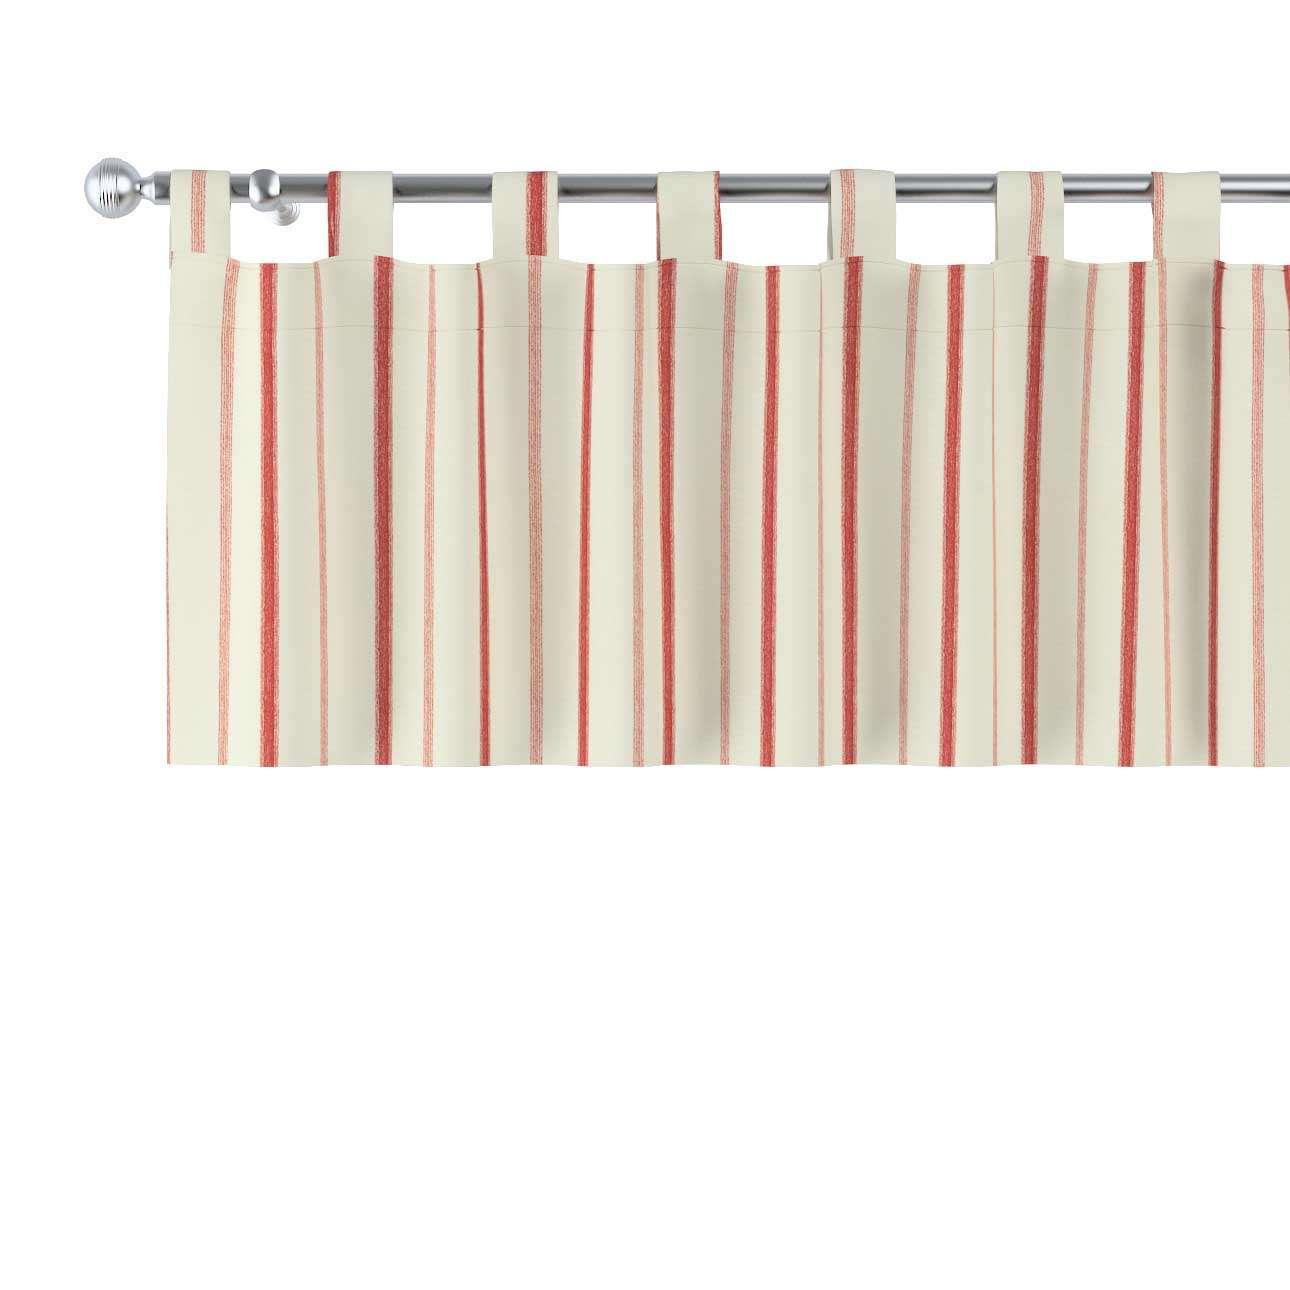 Lambrekin na szelkach 130x40cm w kolekcji Avinon, tkanina: 129-15